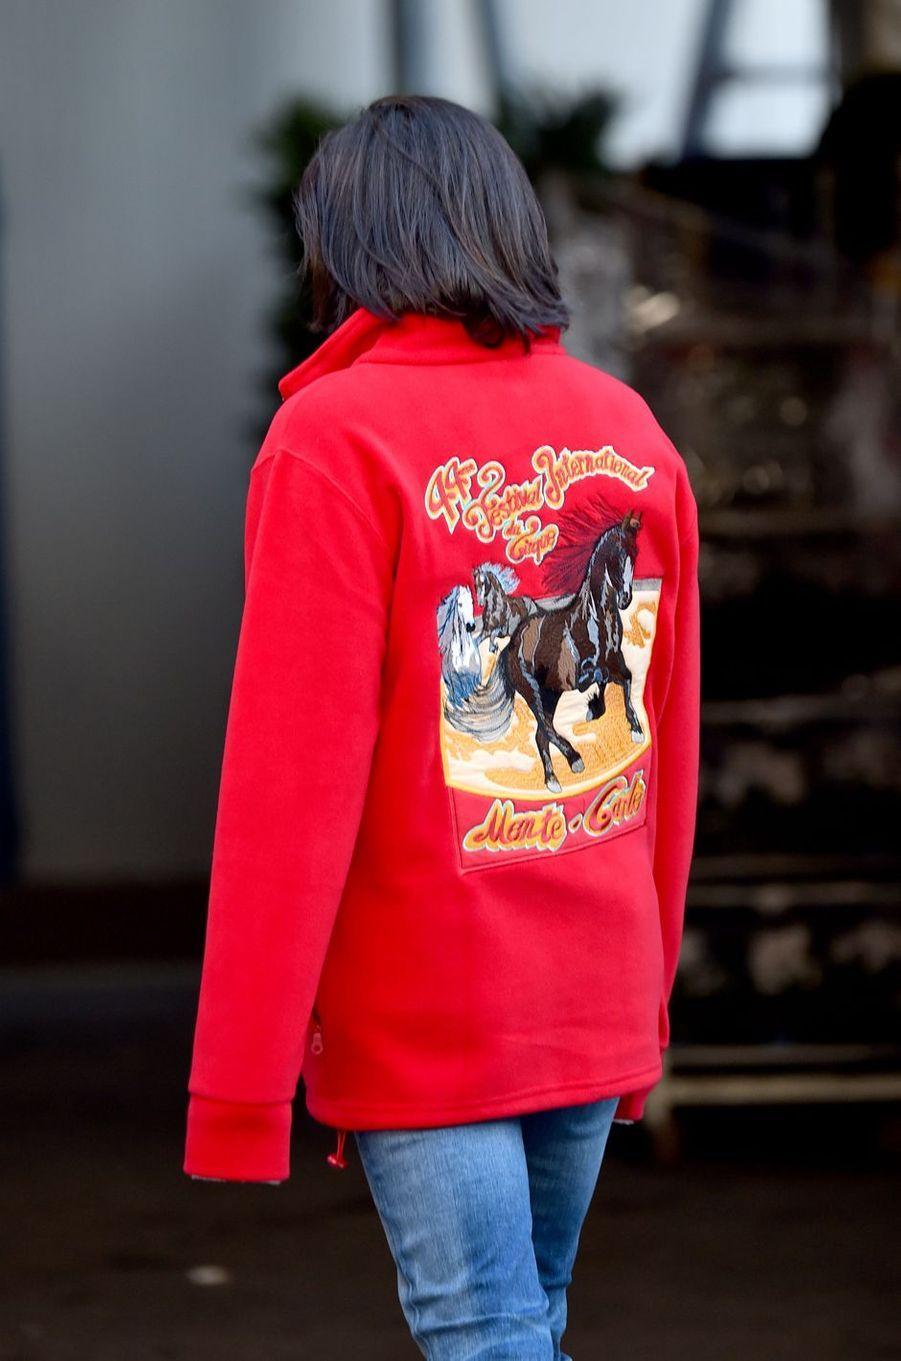 La veste du staff du Festival du cirque portée par la princesse Stéphanie de Monaco à Monaco, le 14 janvier 2020